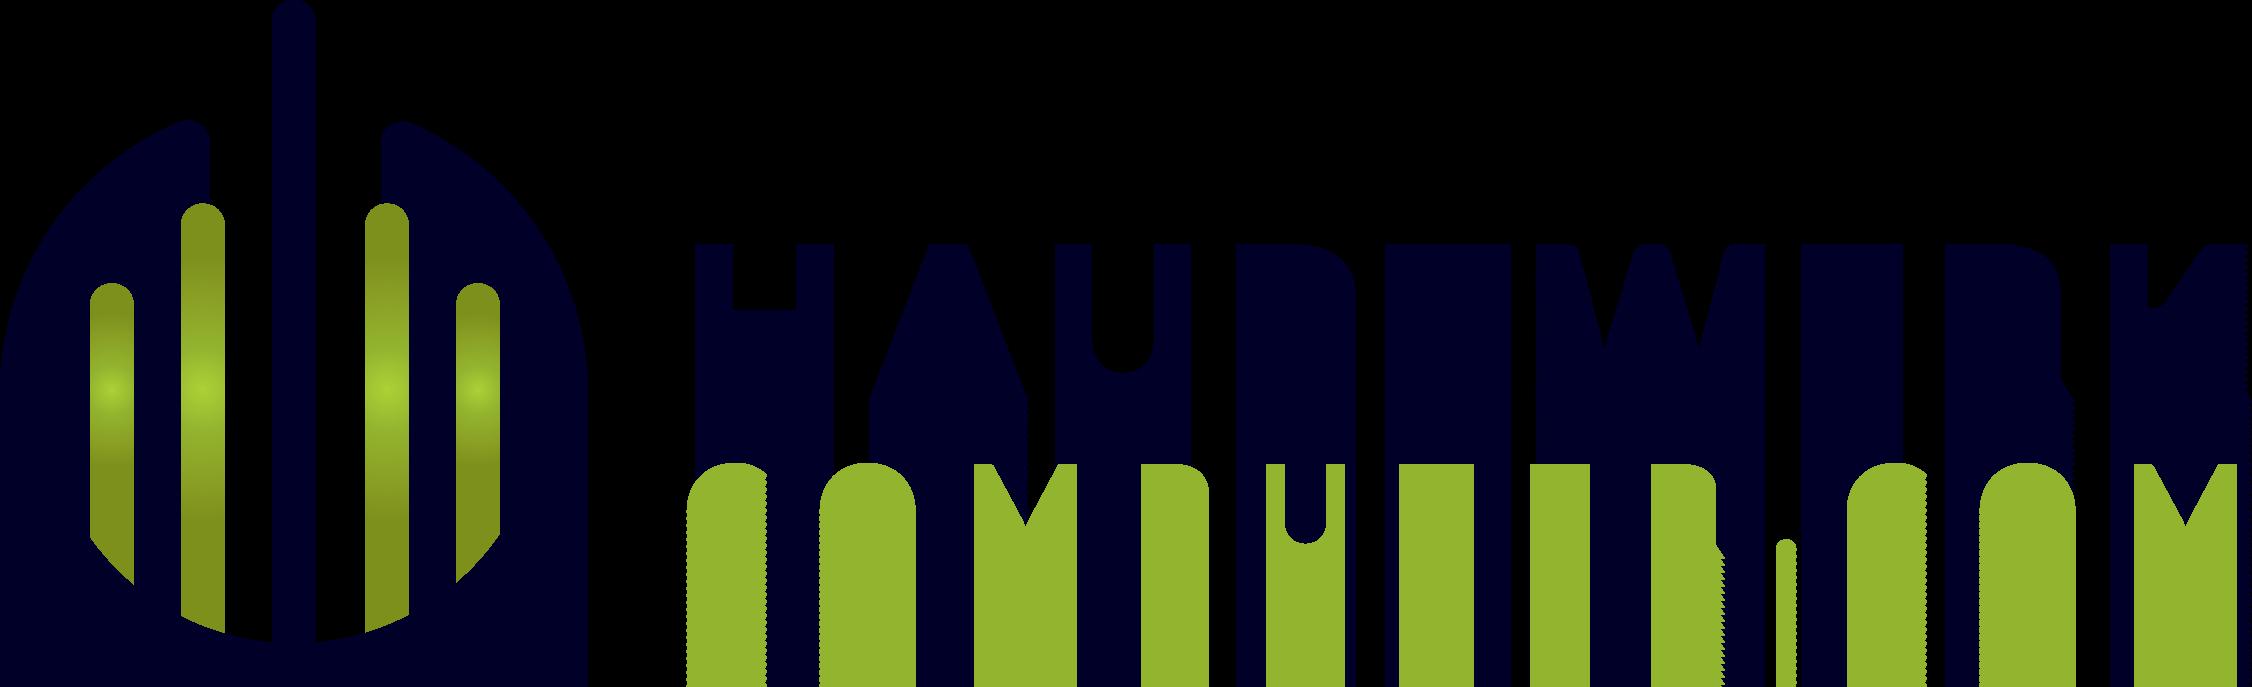 Hauptwerk-computer.com